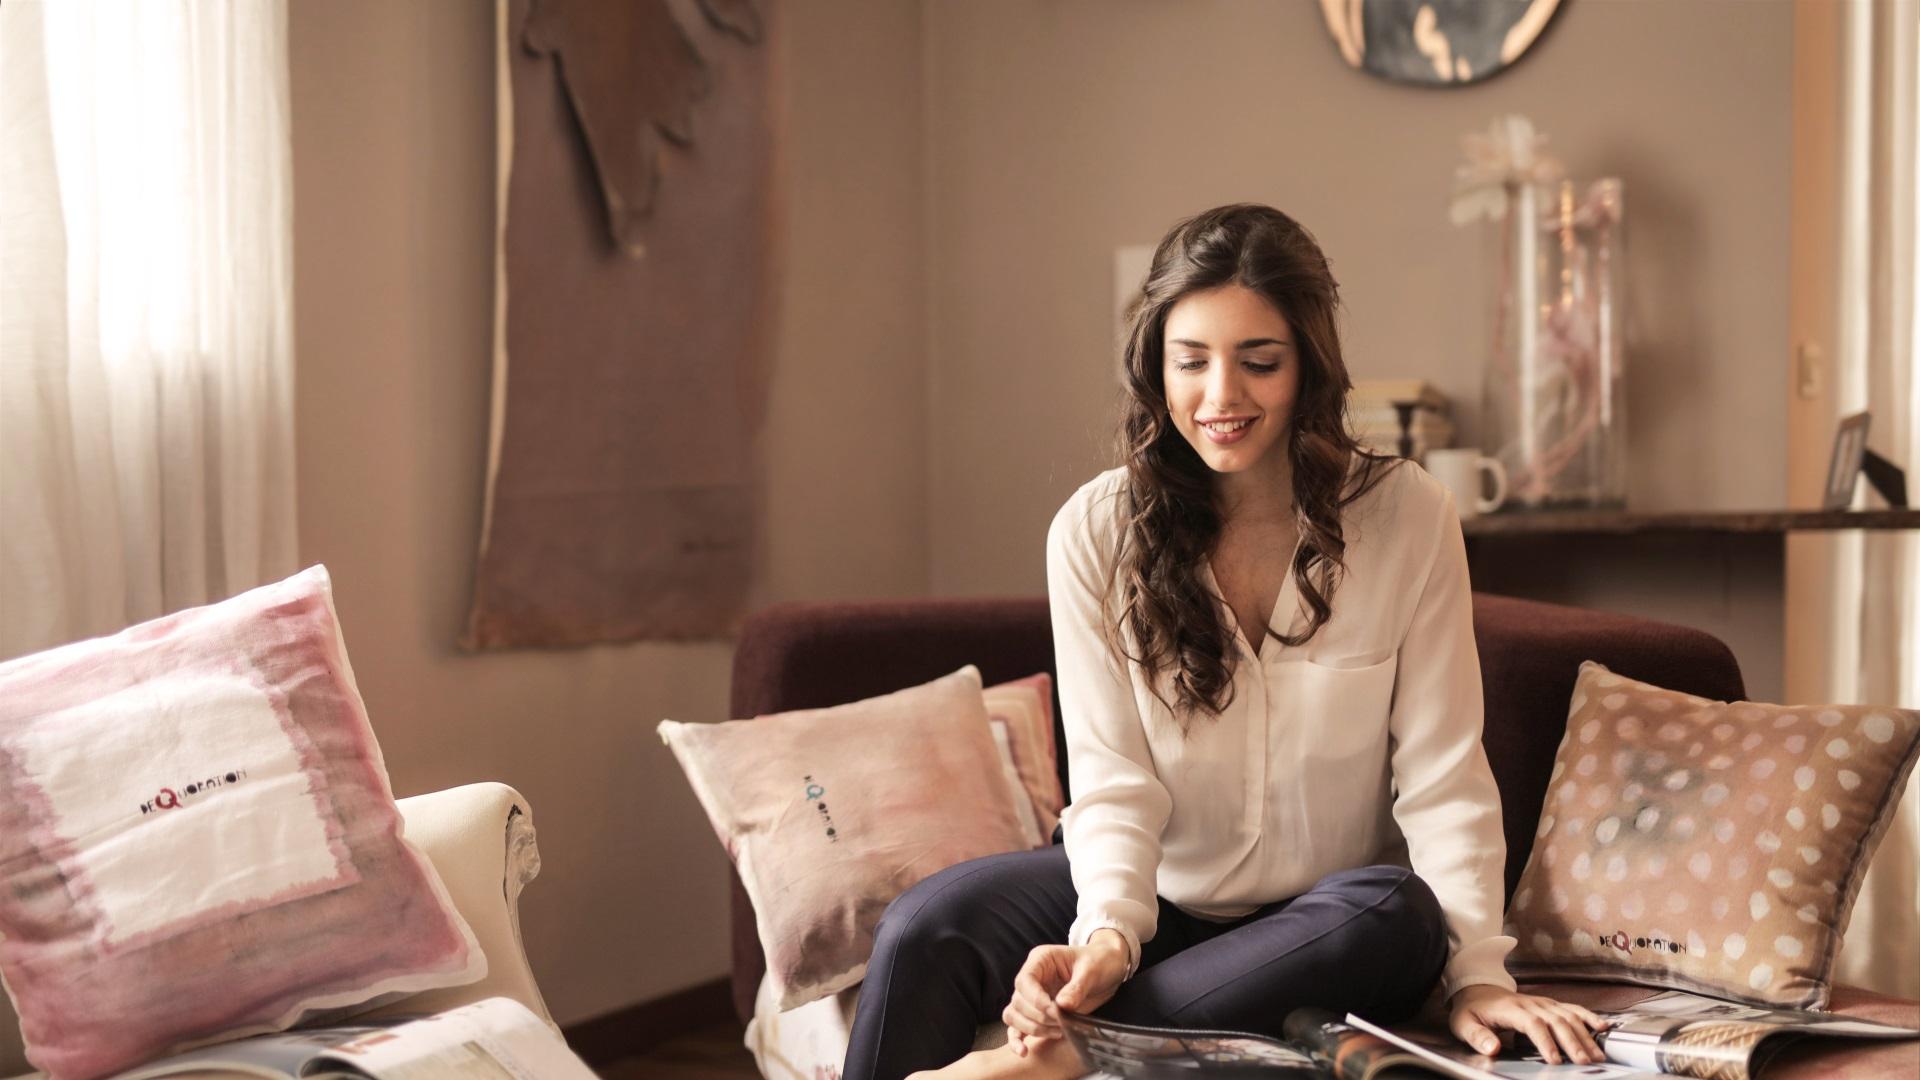 Във втората си книга Кондо отбелязва колко е важно да си създадете ваше собствено дзен място, без значение дали това ще е спалнята, кухнята или ъгълът на някоя стая. Това място ще ви прави щастливи и ще ви дава енергия.